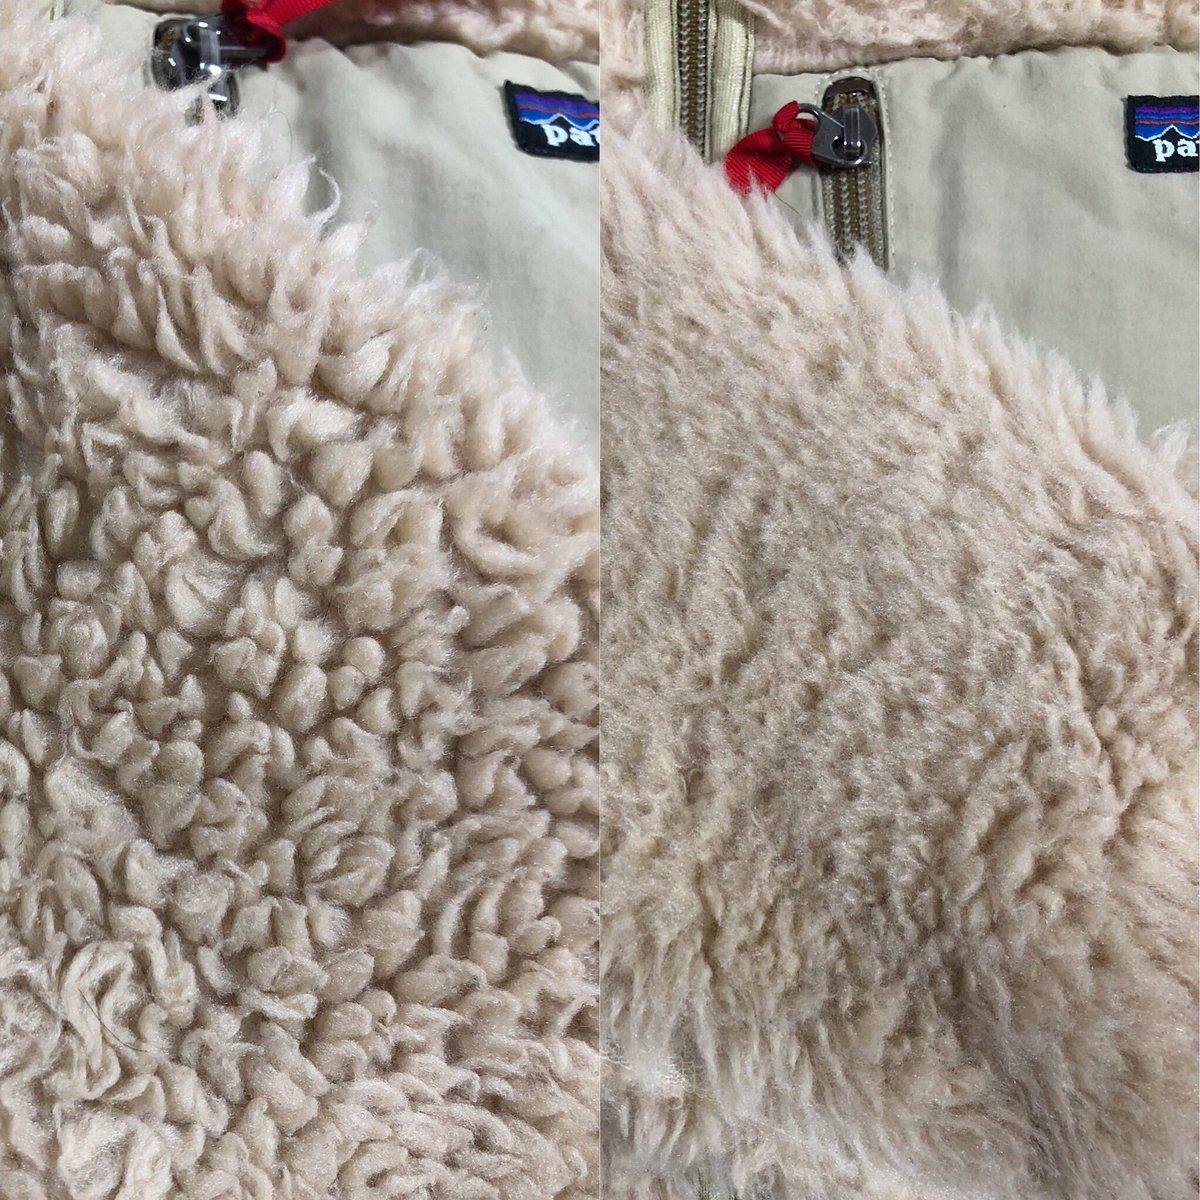 test ツイッターメディア - 20年愛用してるジャケットが蘇った✨ #patagonia  #パタゴニアレトロx  #DAISO  #毛だま取りブラシ #108円 https://t.co/jD7J9a52gB